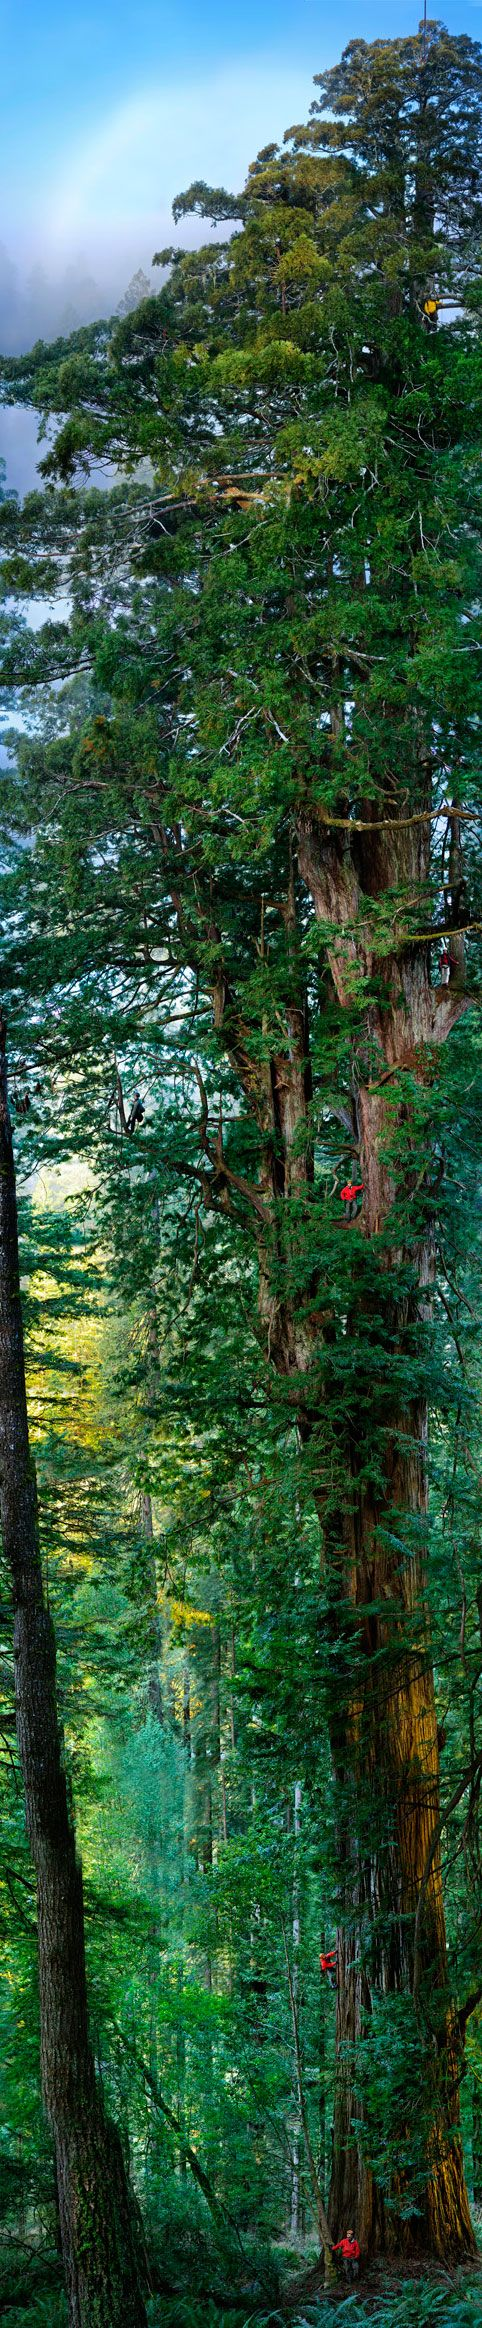 ✯ Giant Sequoia: